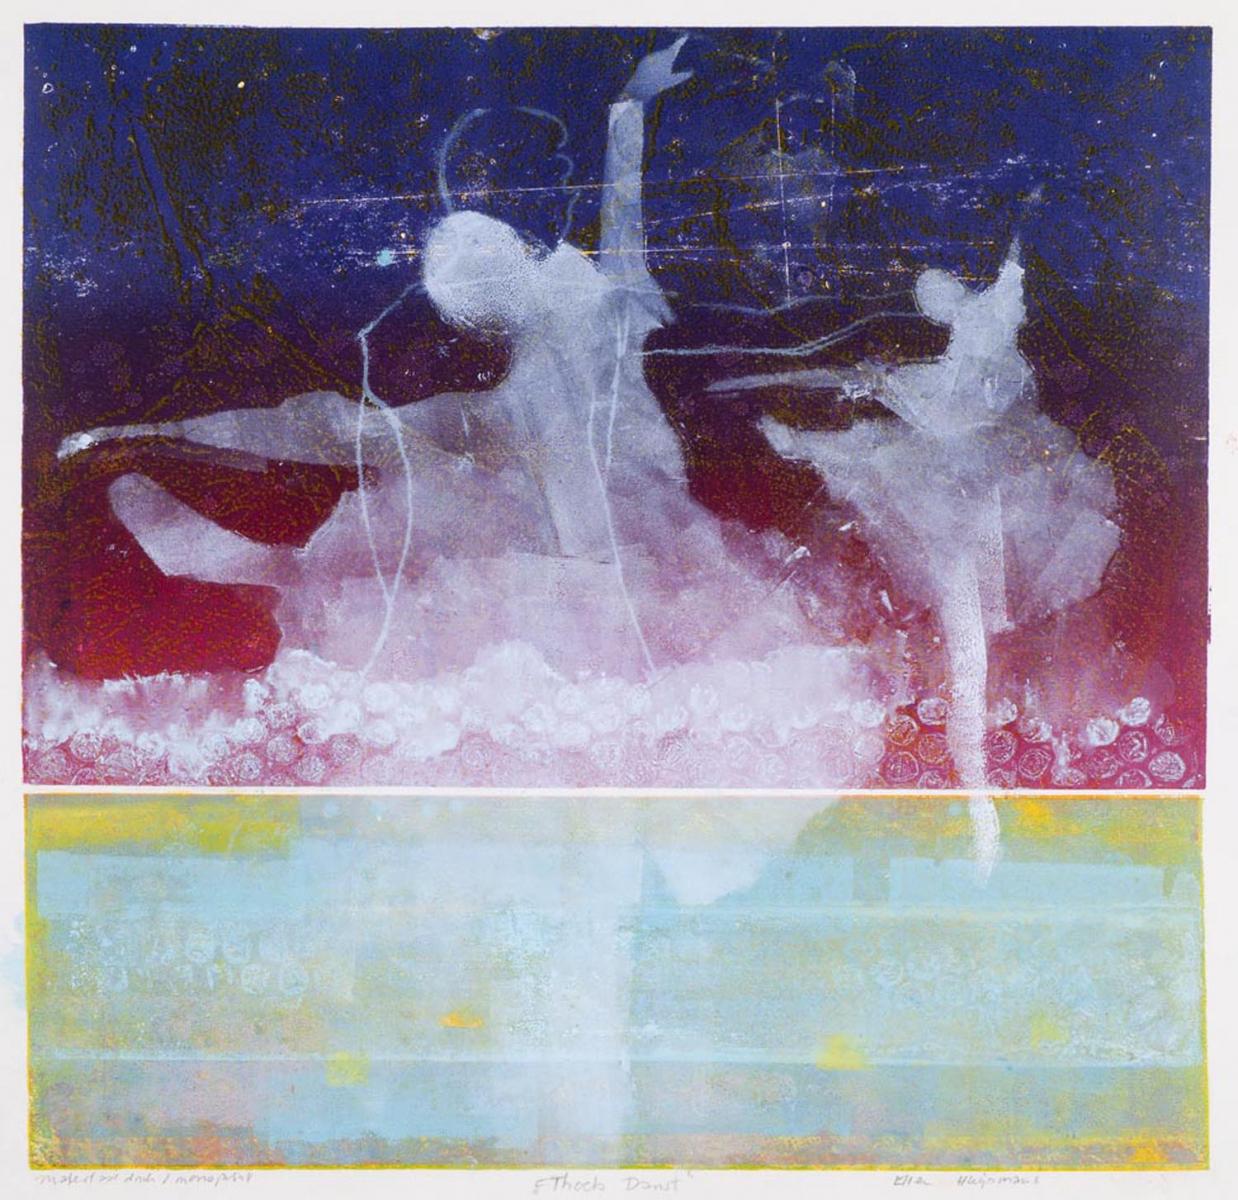 3 'Thoets Danst' monoprint